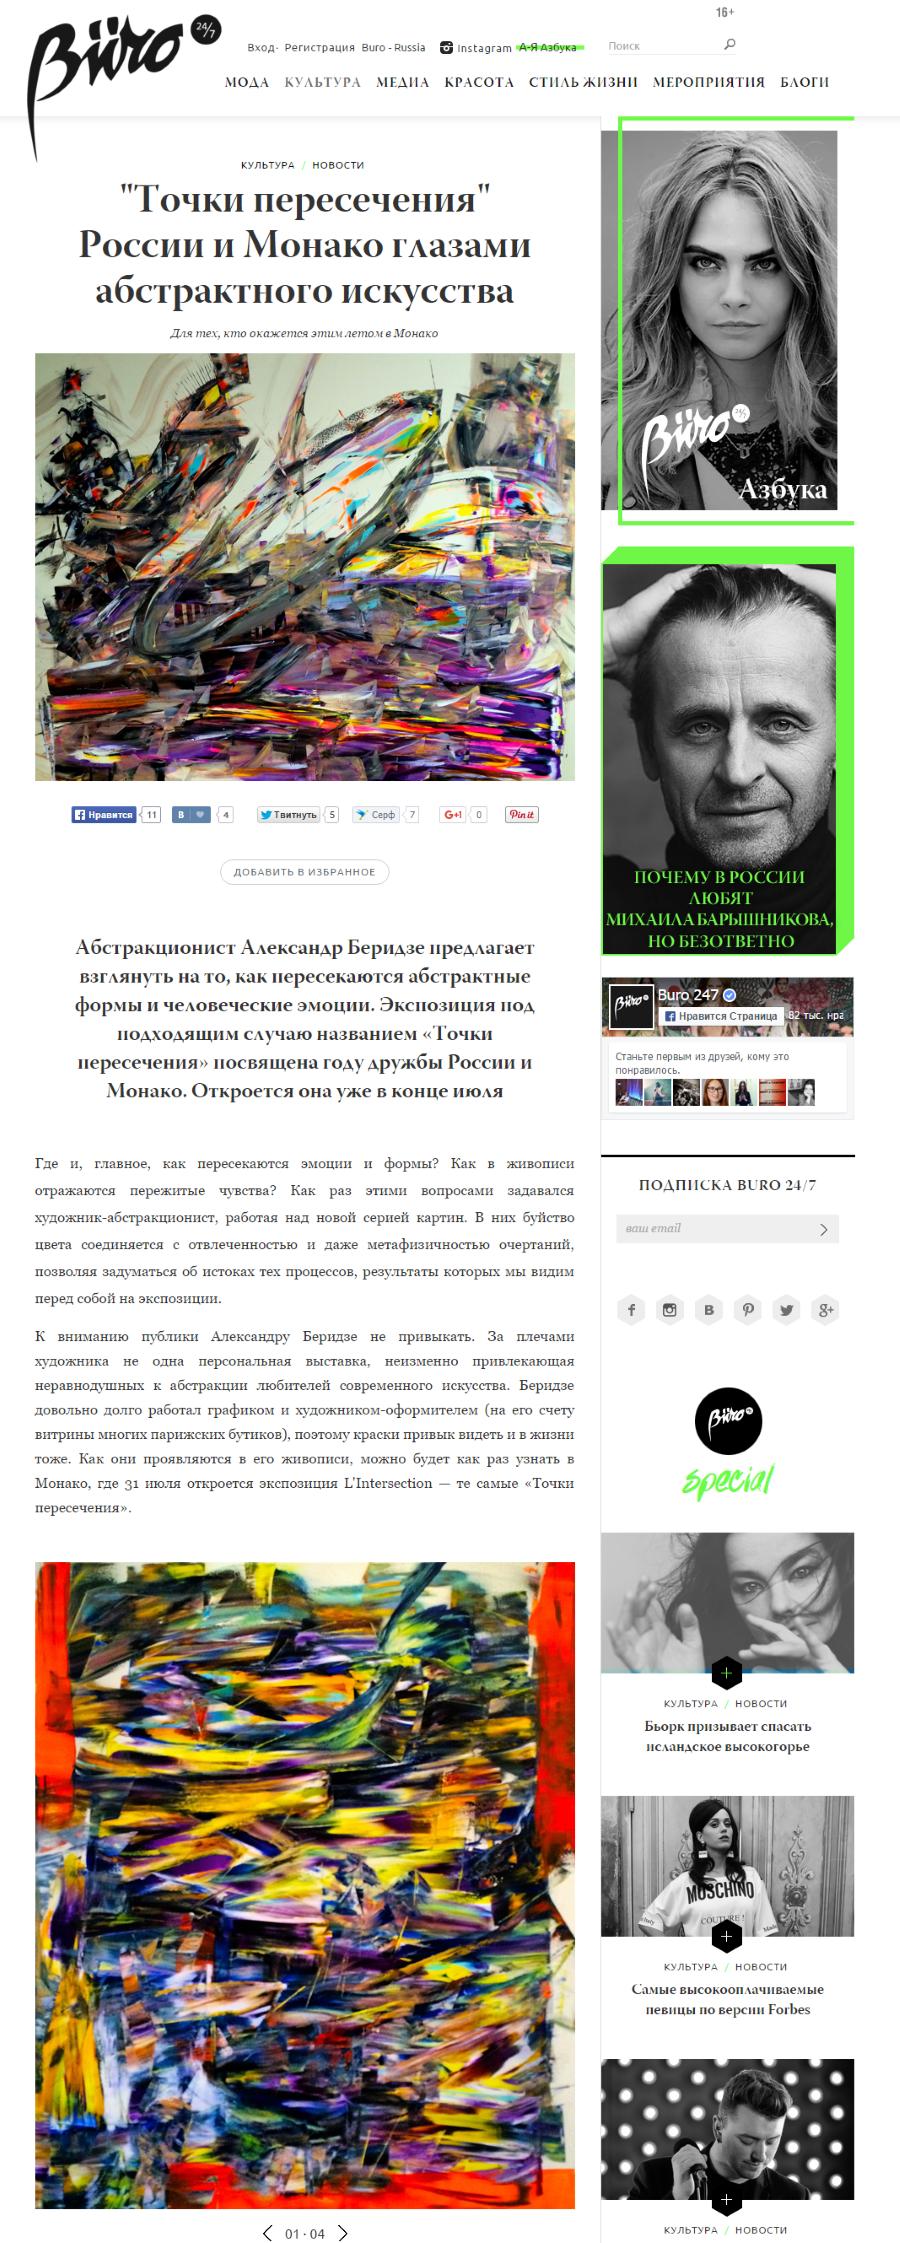 Buro 24 - статья